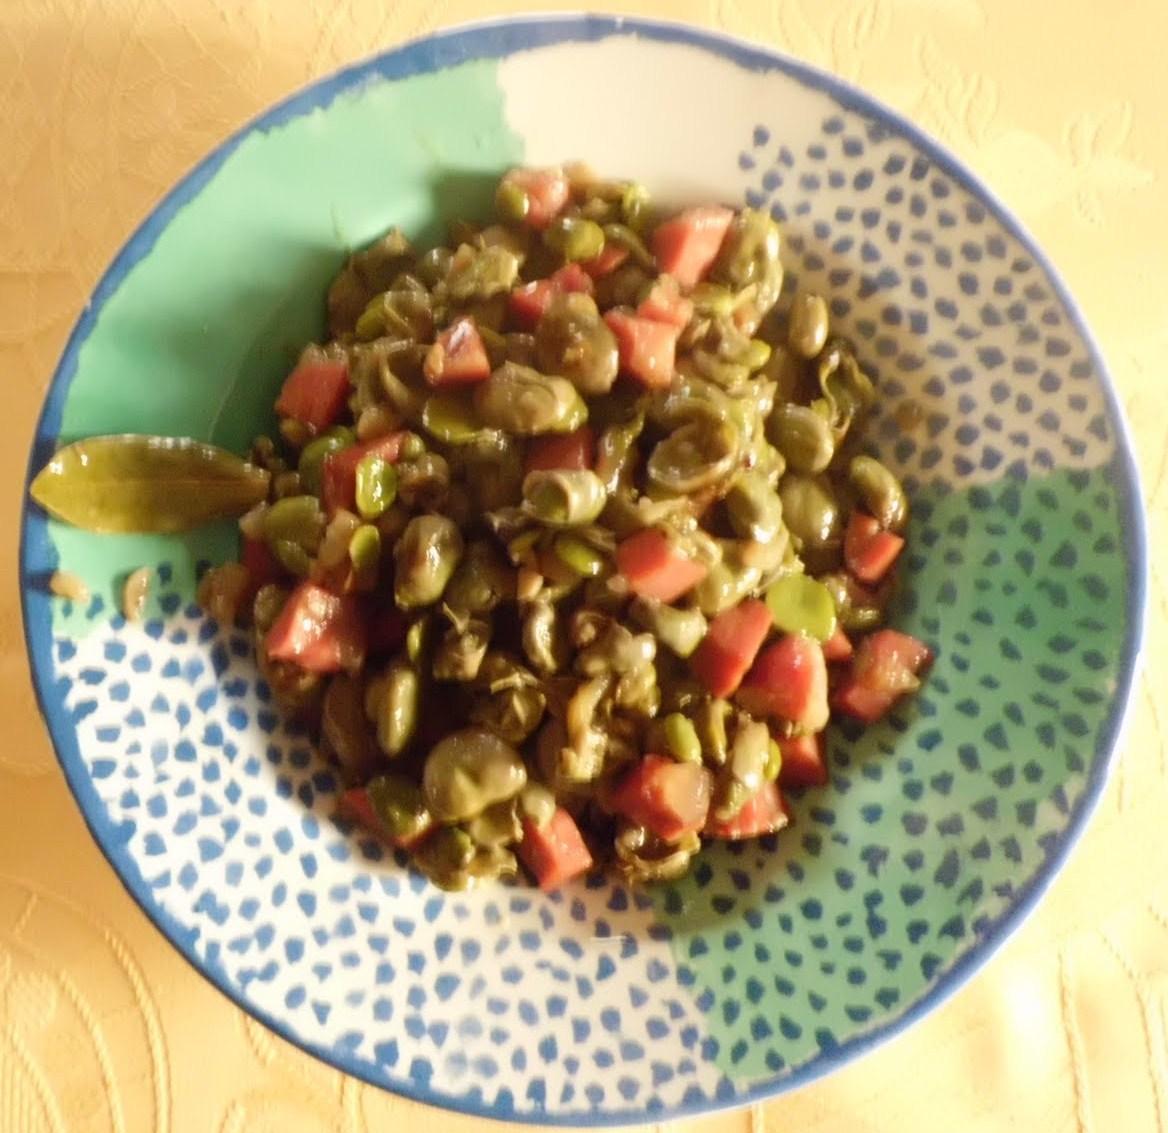 La cocina de la tia encarna habas con jam n - Habas tiernas con jamon ...